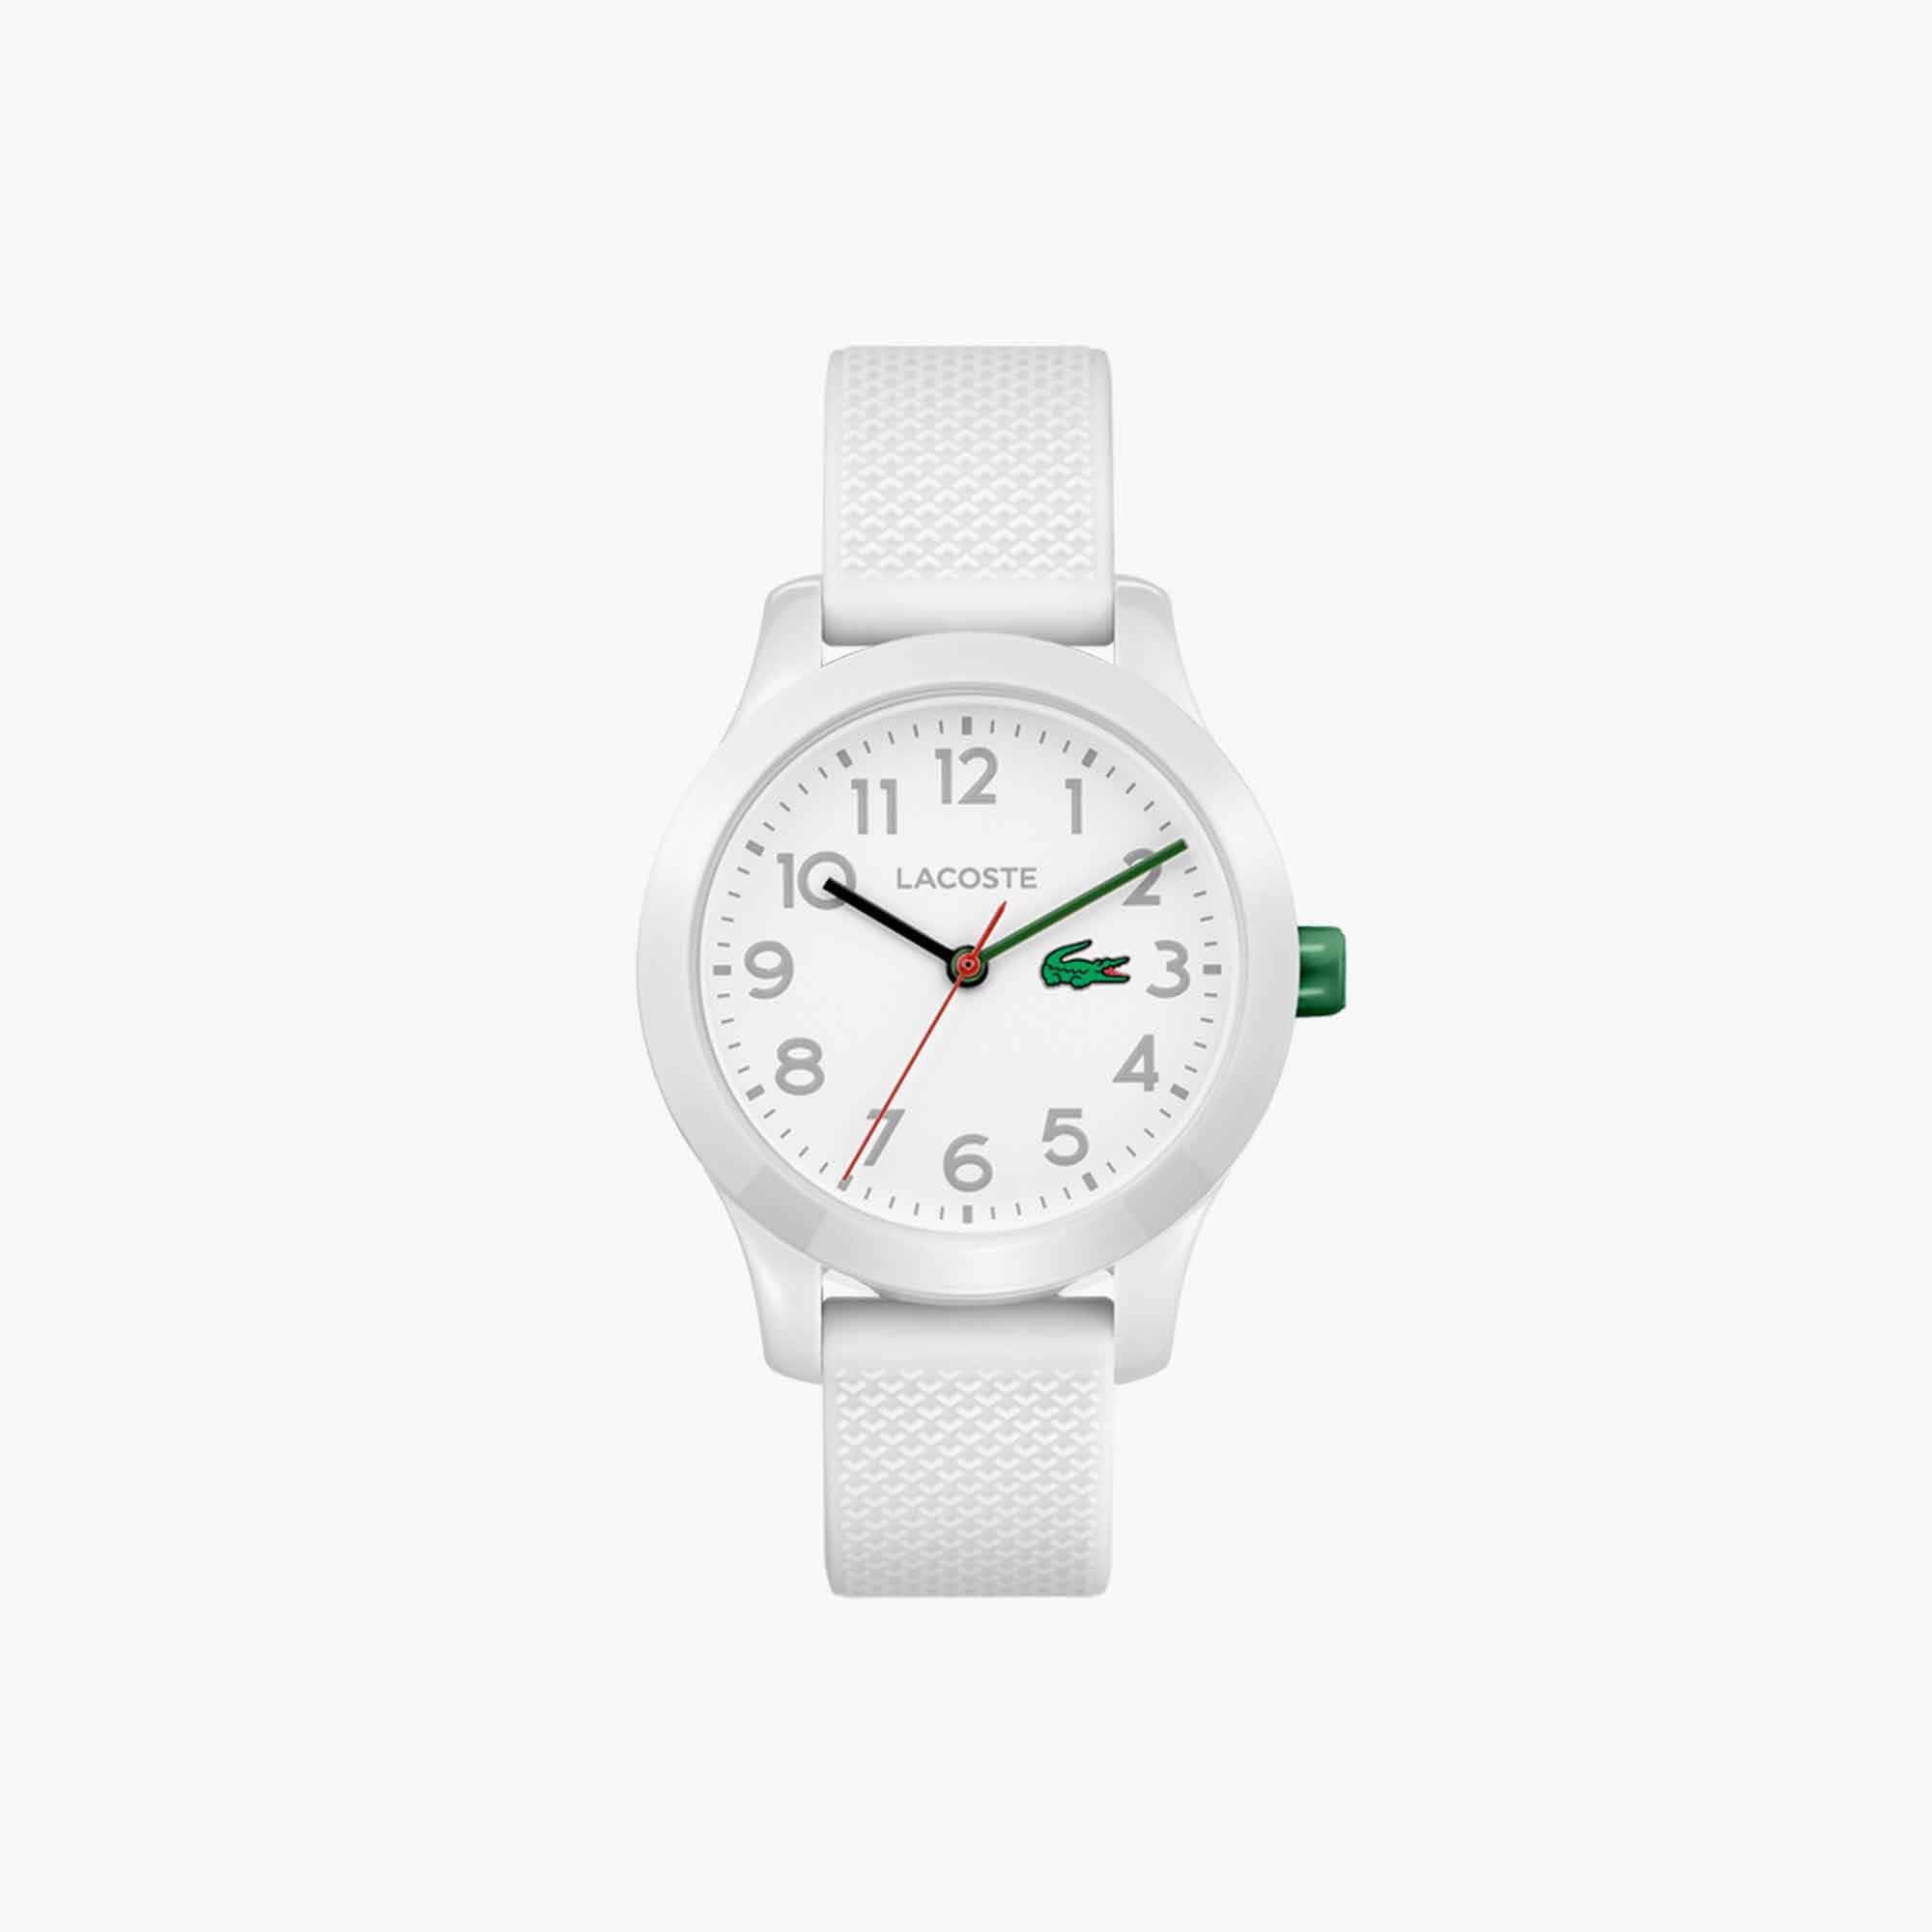 Kinderen Lacoste 12.12 Horloge met Witten Siliconen Armband